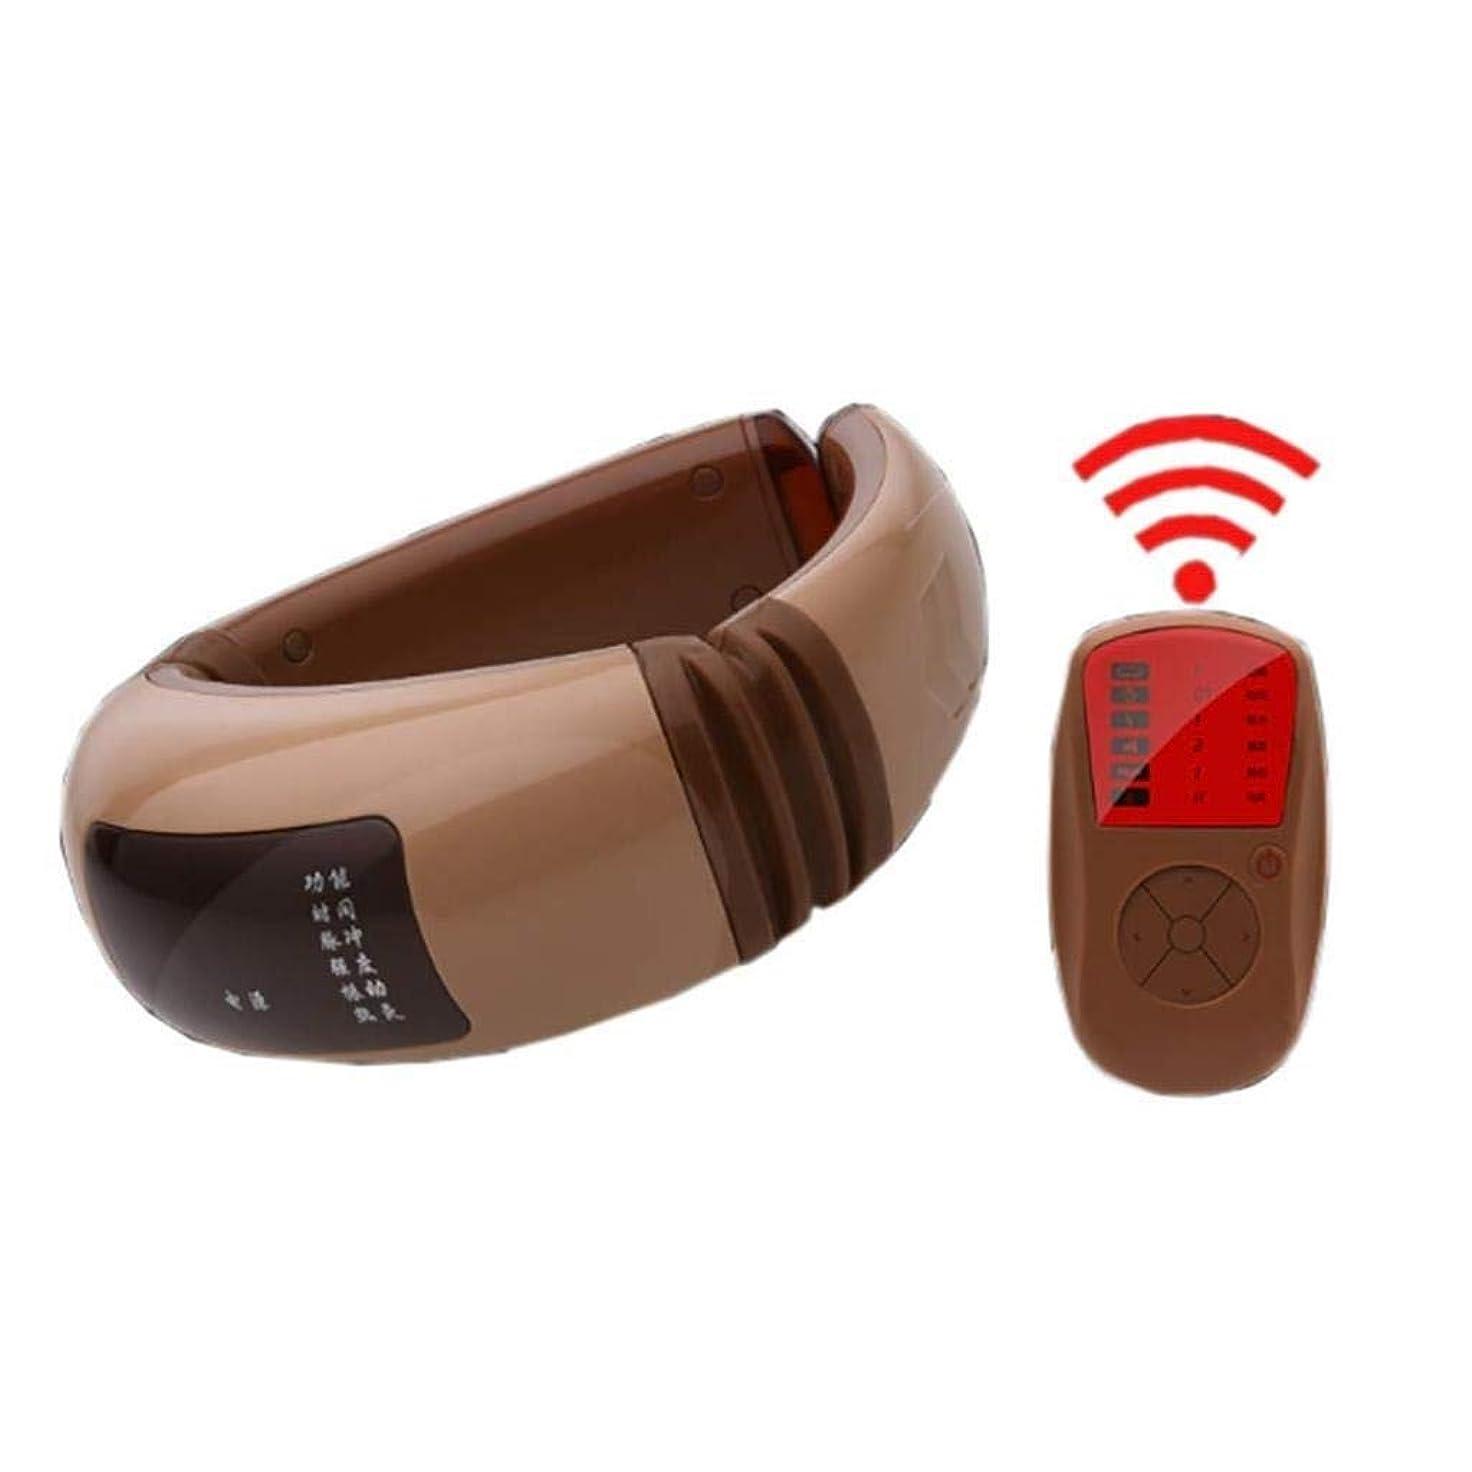 不屈爪収益マッサージャー、ポータブルスマートネック振動マッサージャー、USB充電、デジタルディスプレイ、車のホームオフィスで使用